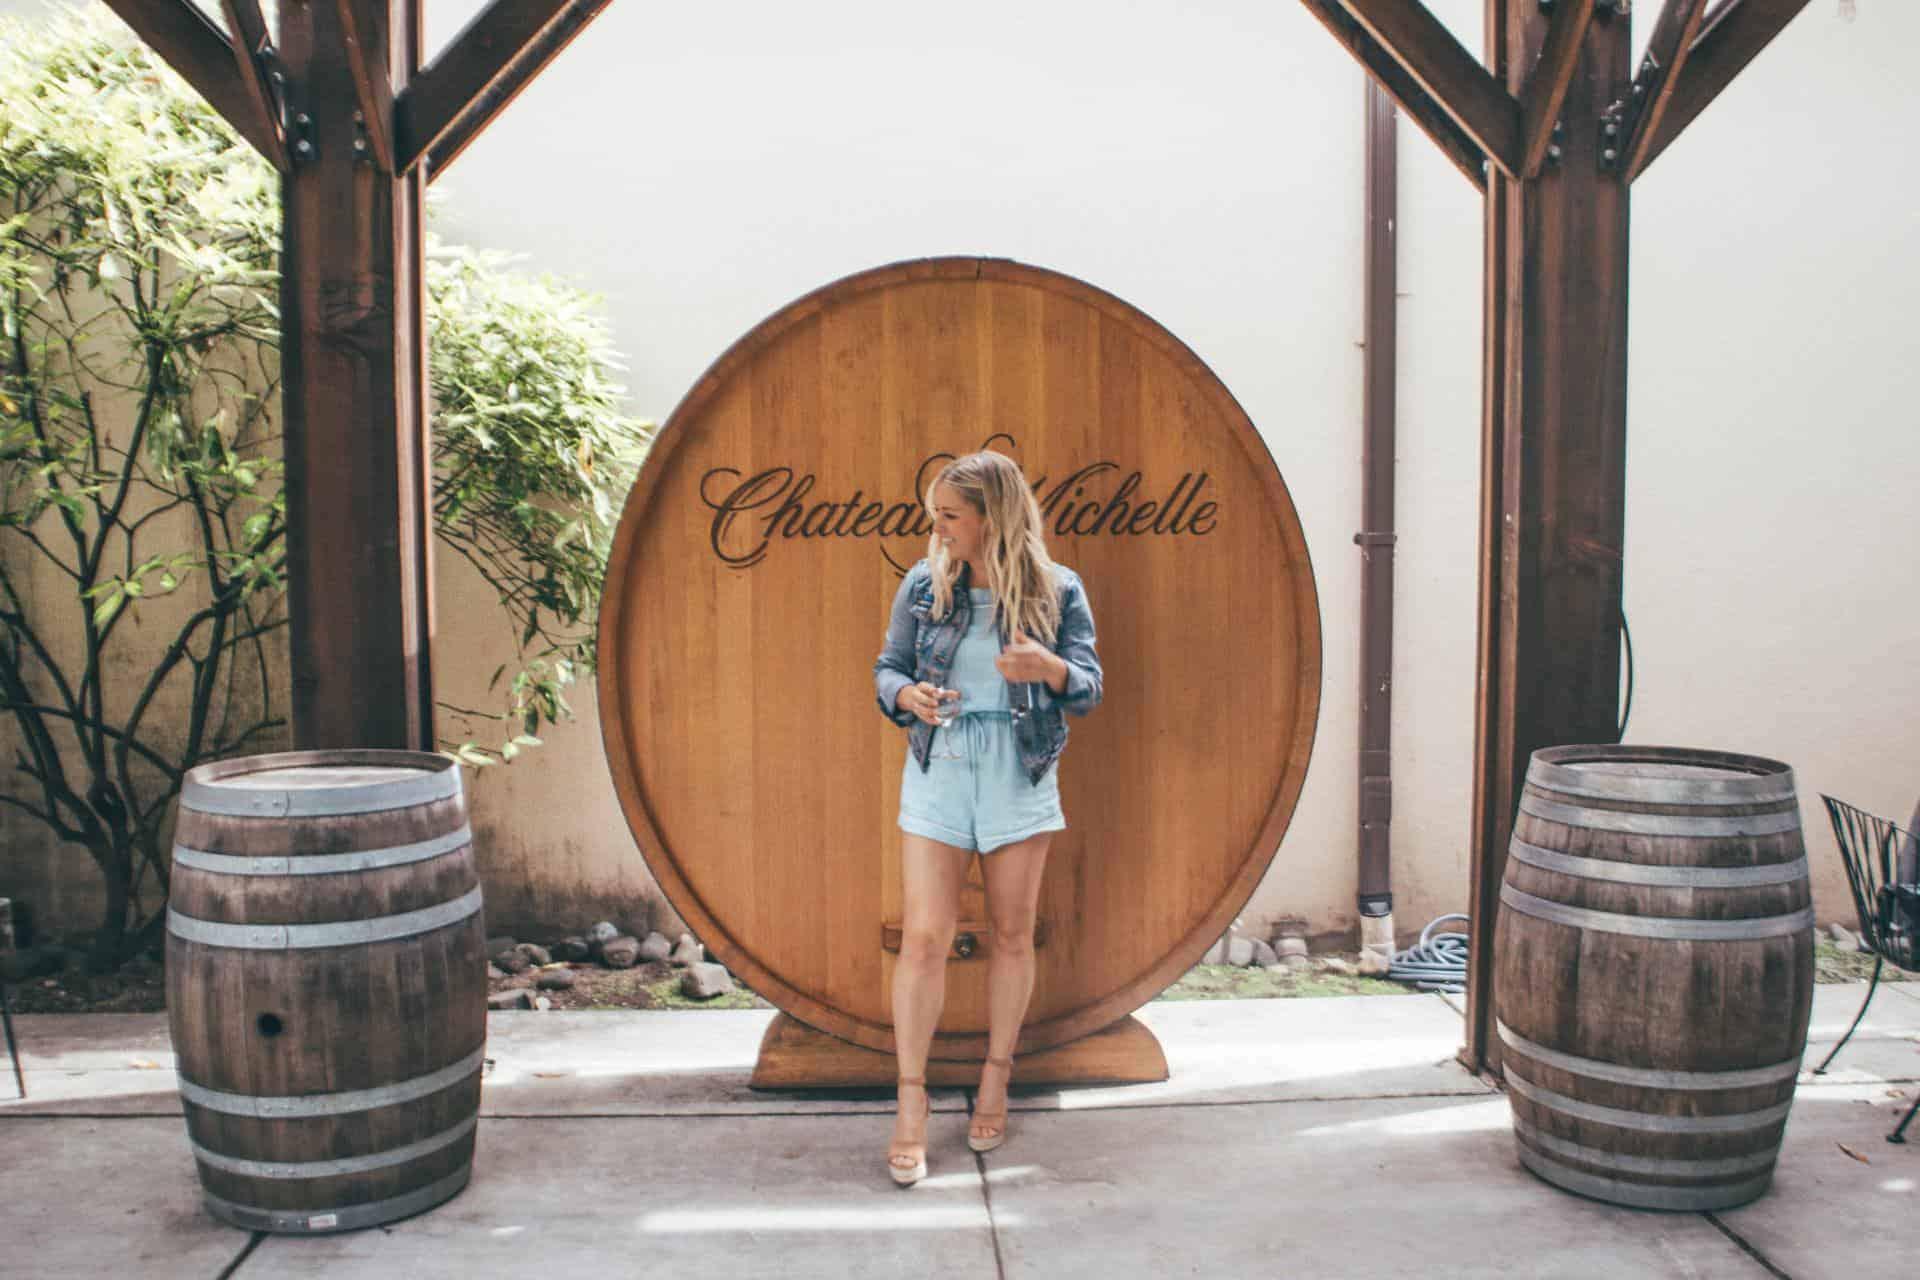 Woodinville wine tasting